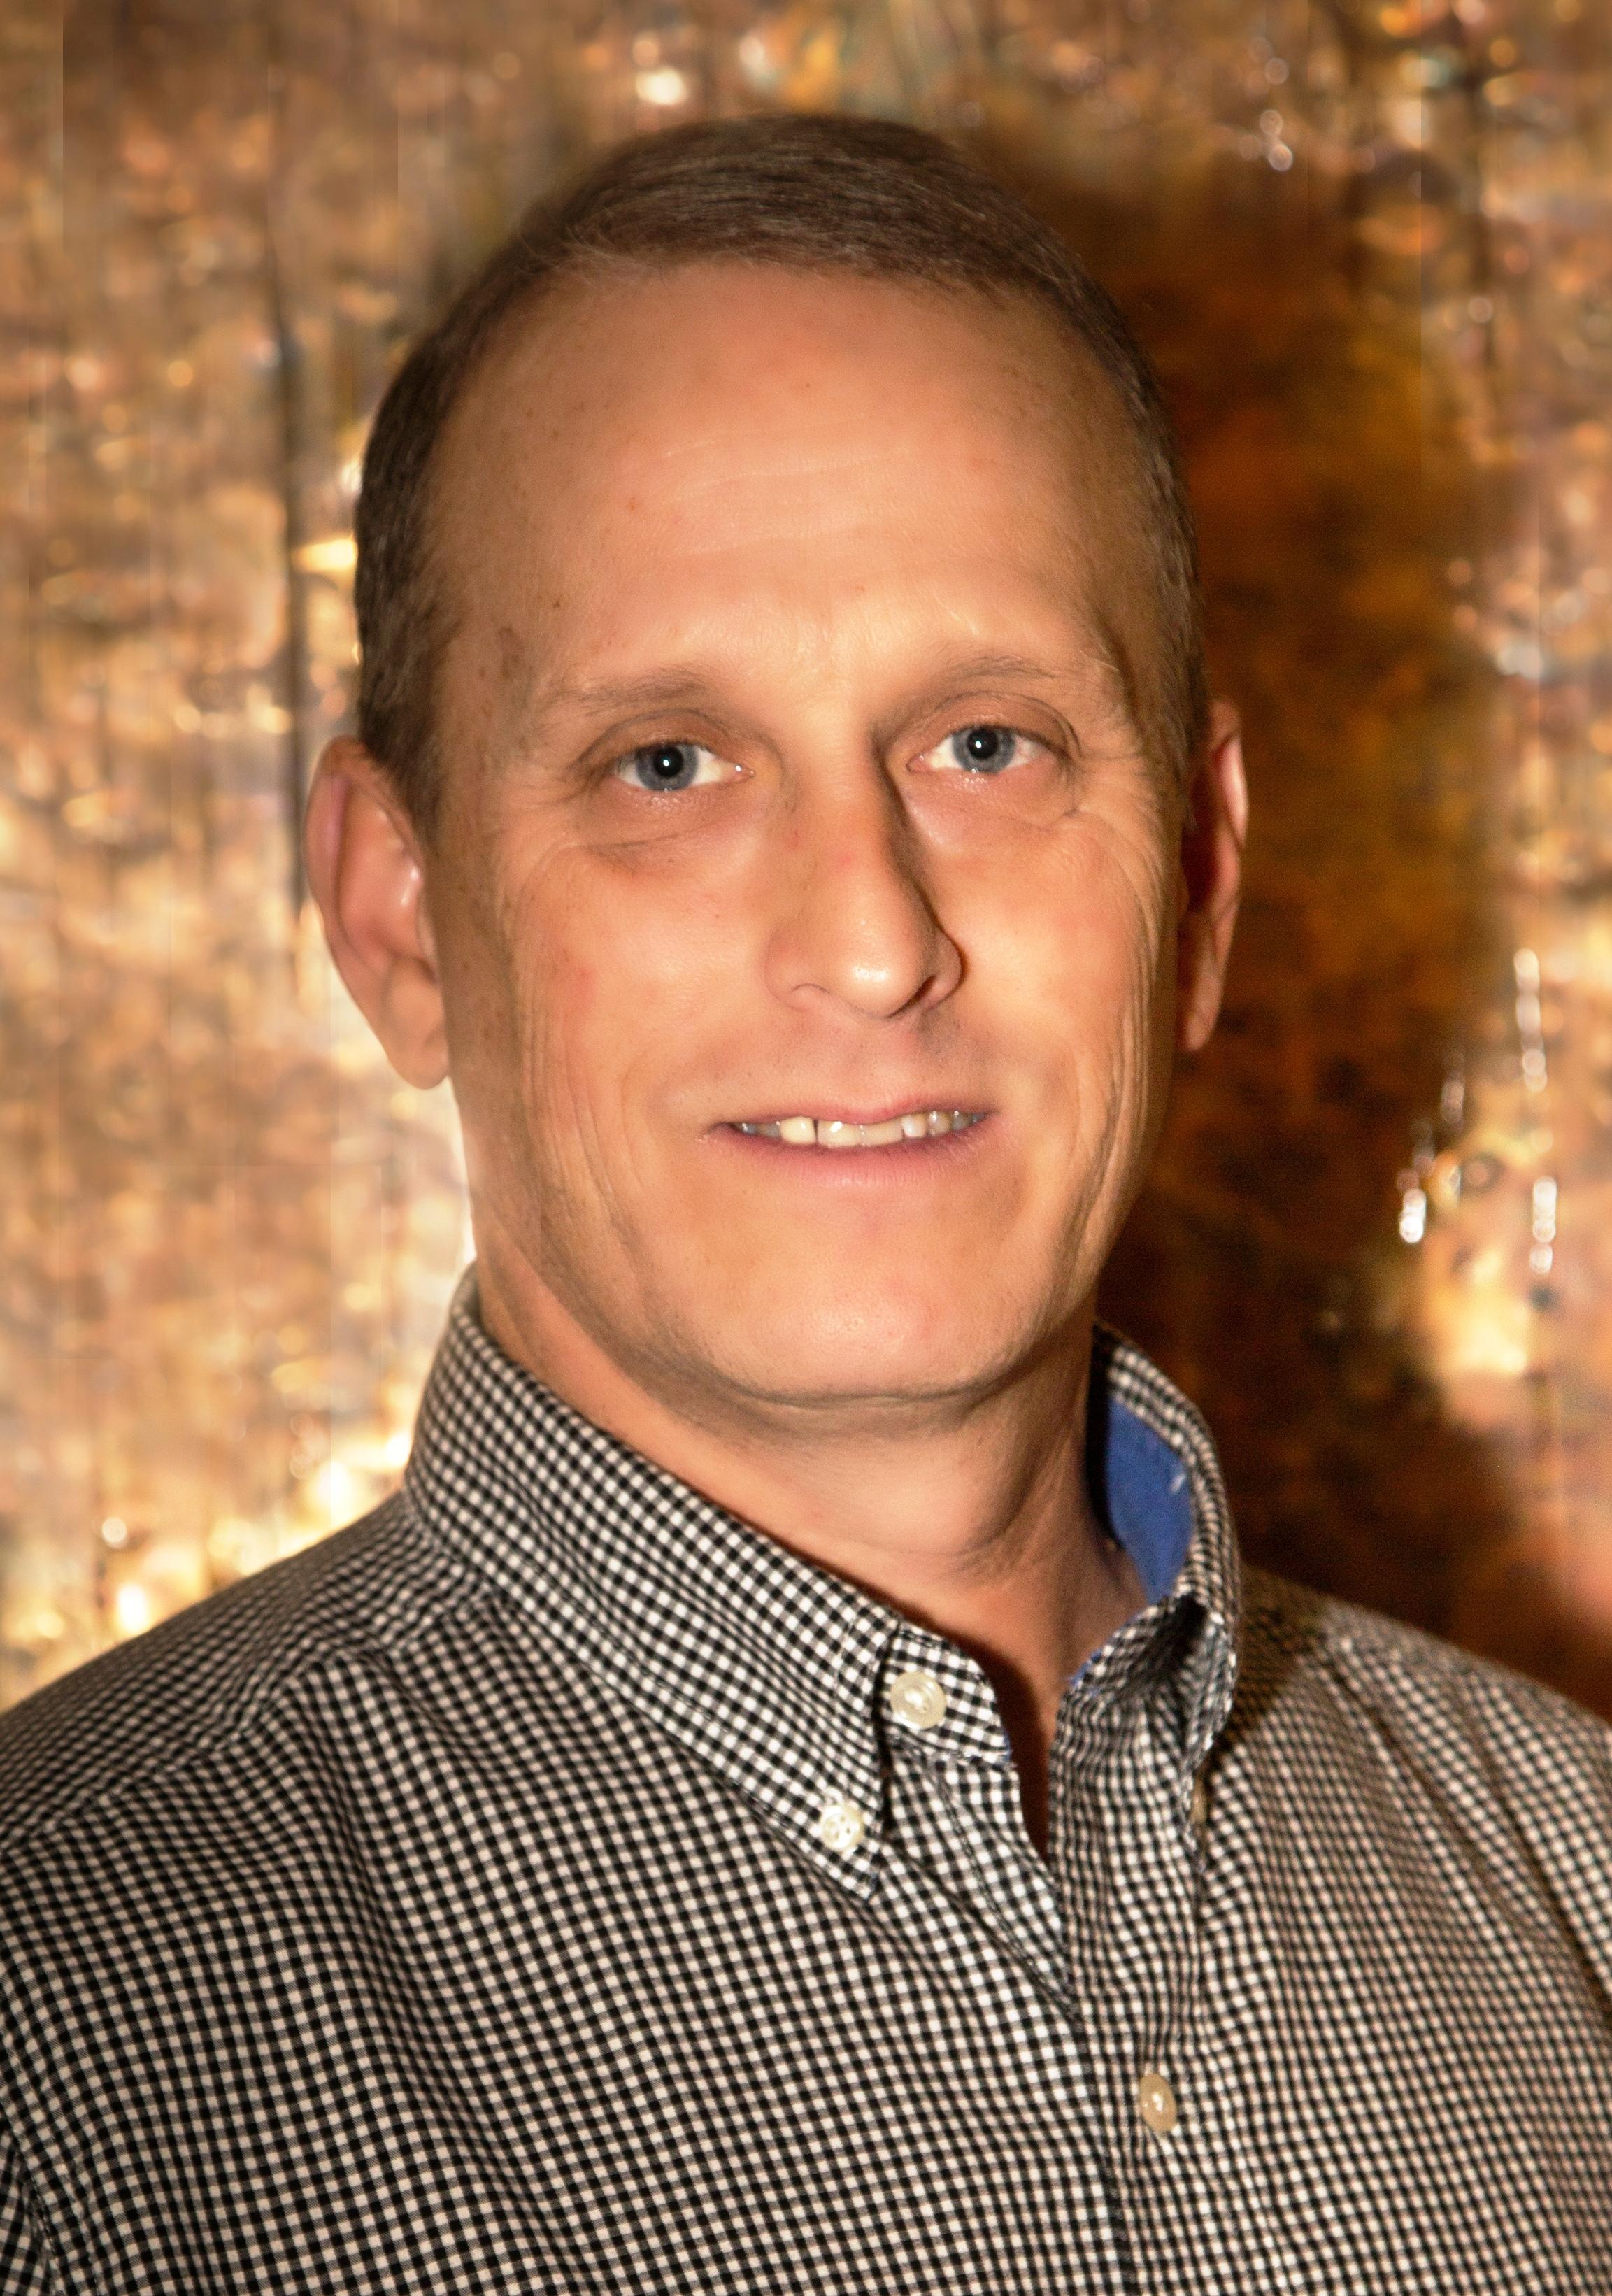 Kevin Armistead